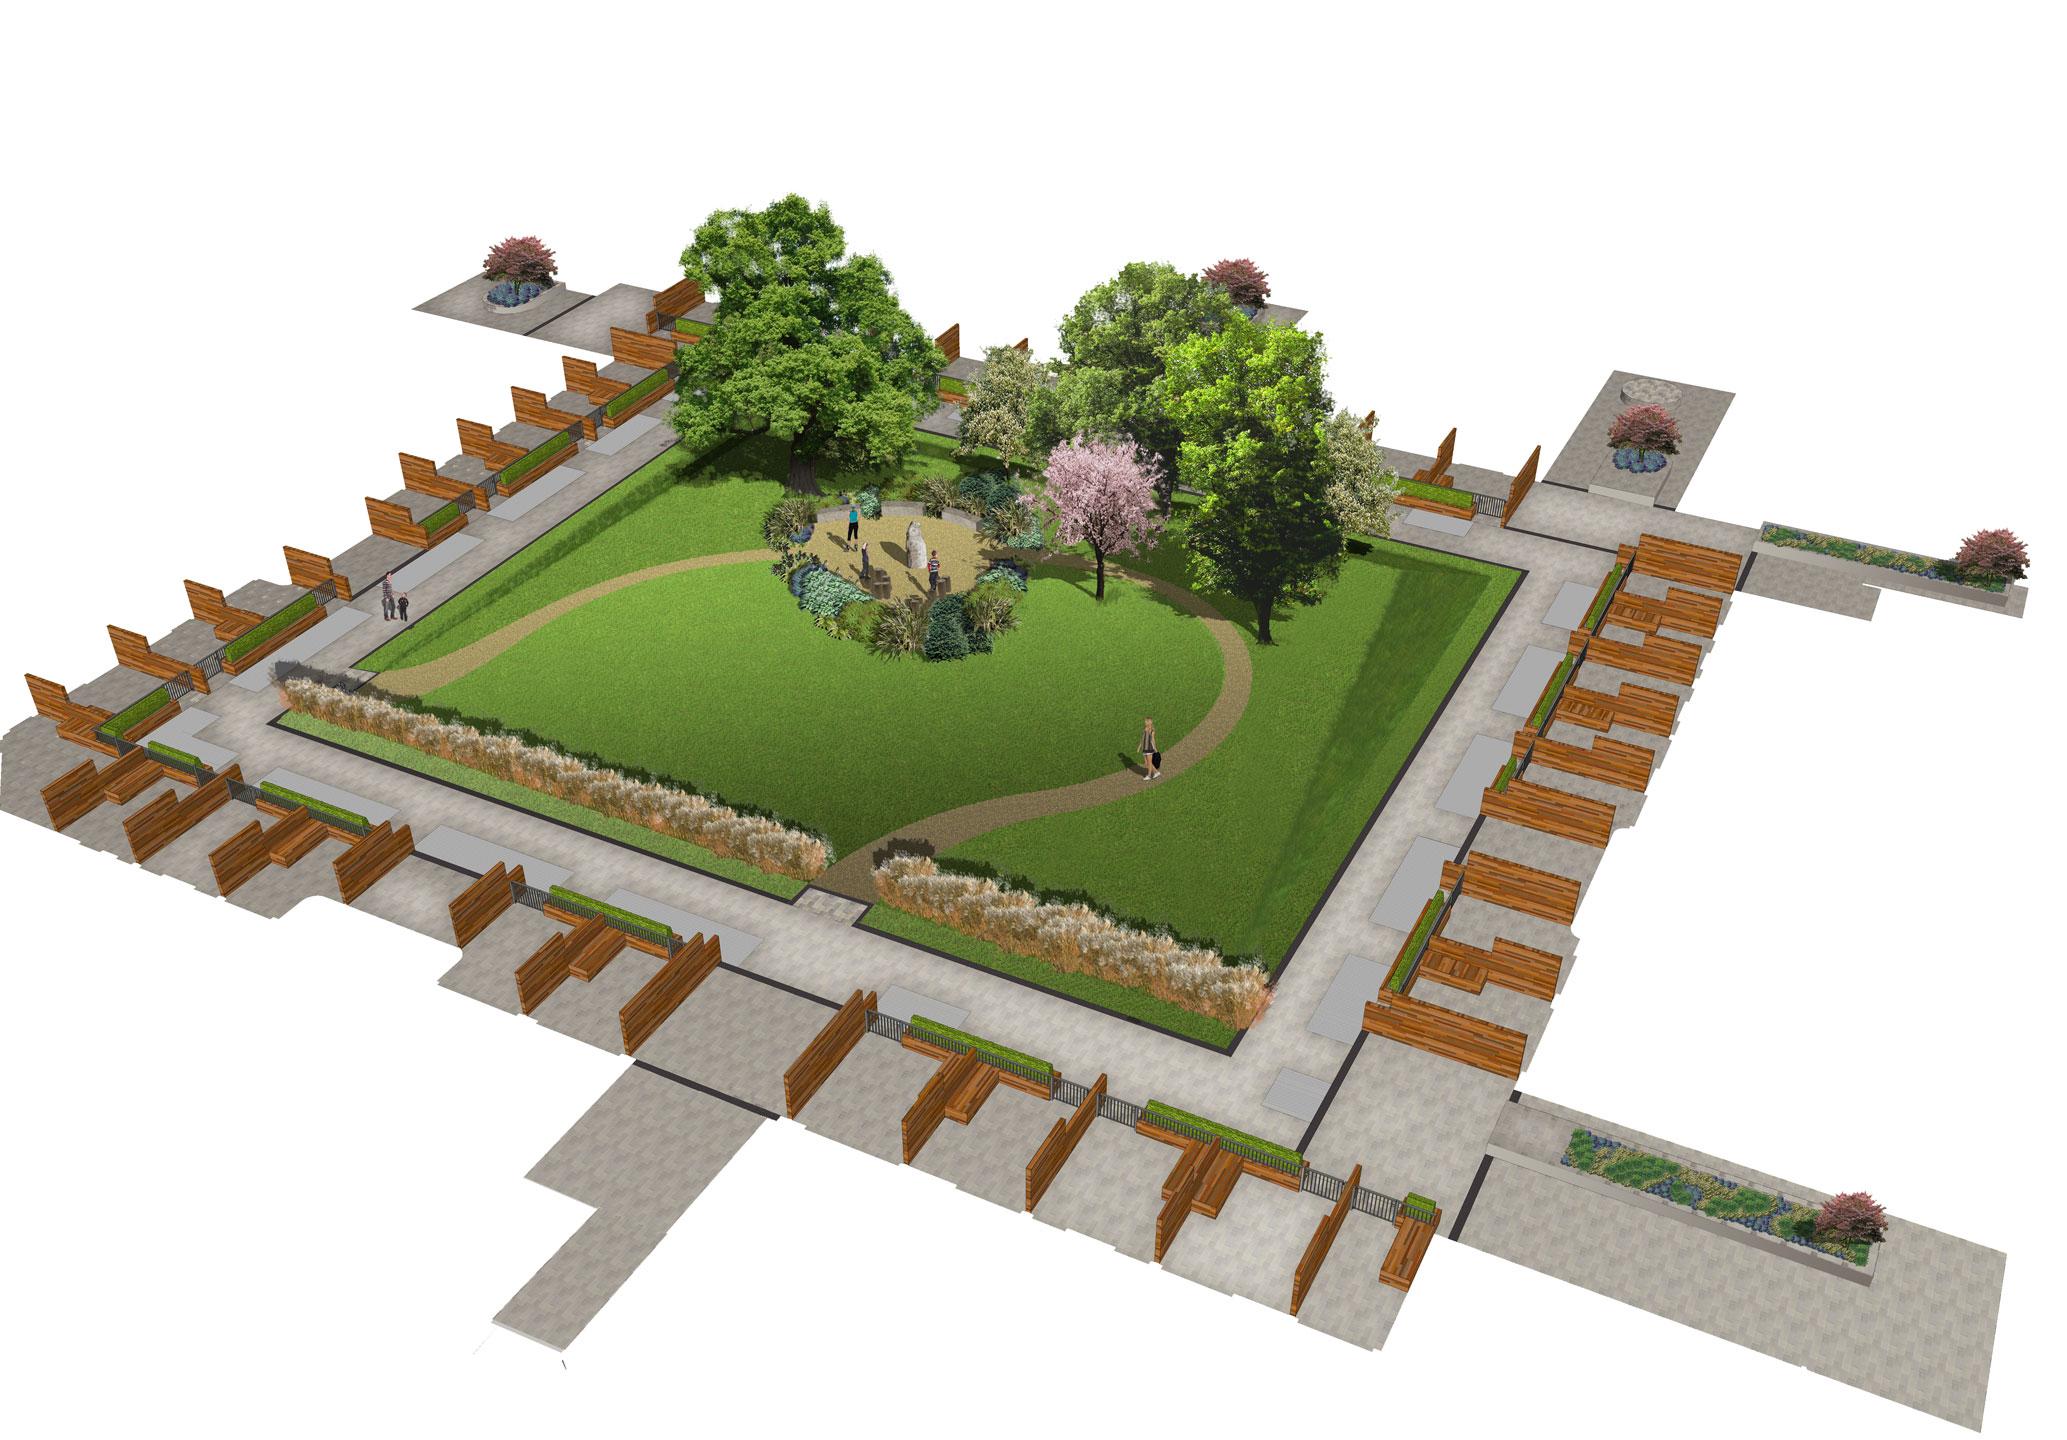 Courtyard-axonometric.jpg